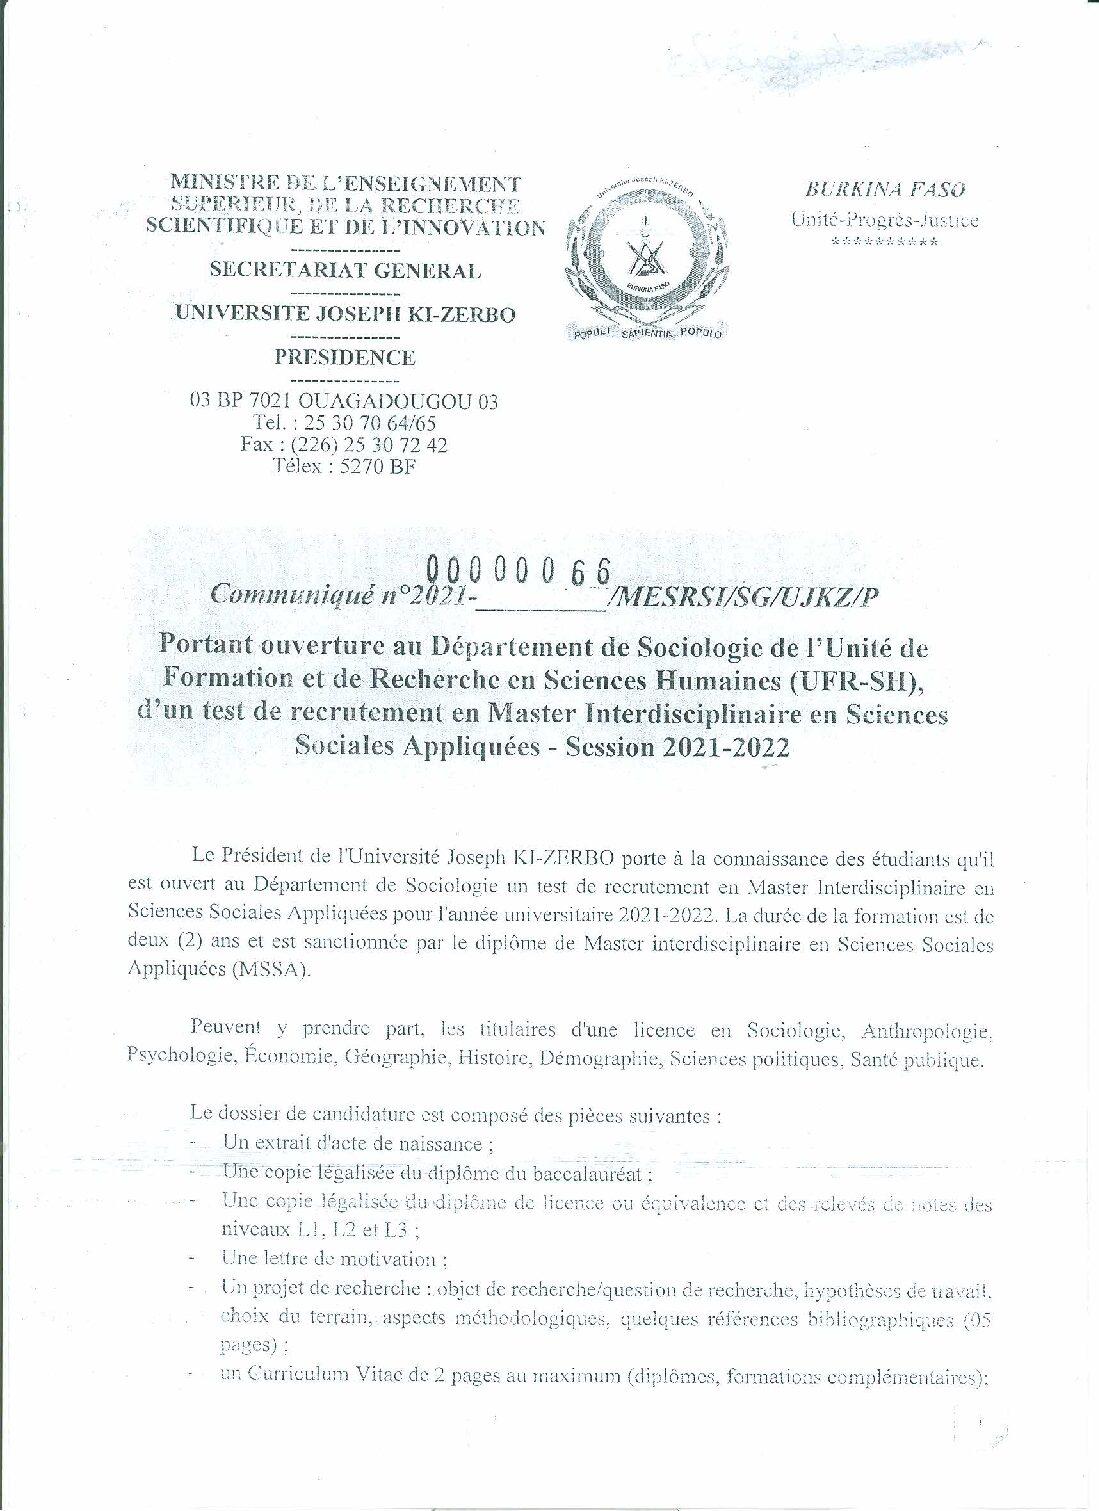 Recrutement-Master-en-Sciences-Sociales-Appliquées-2021-2022